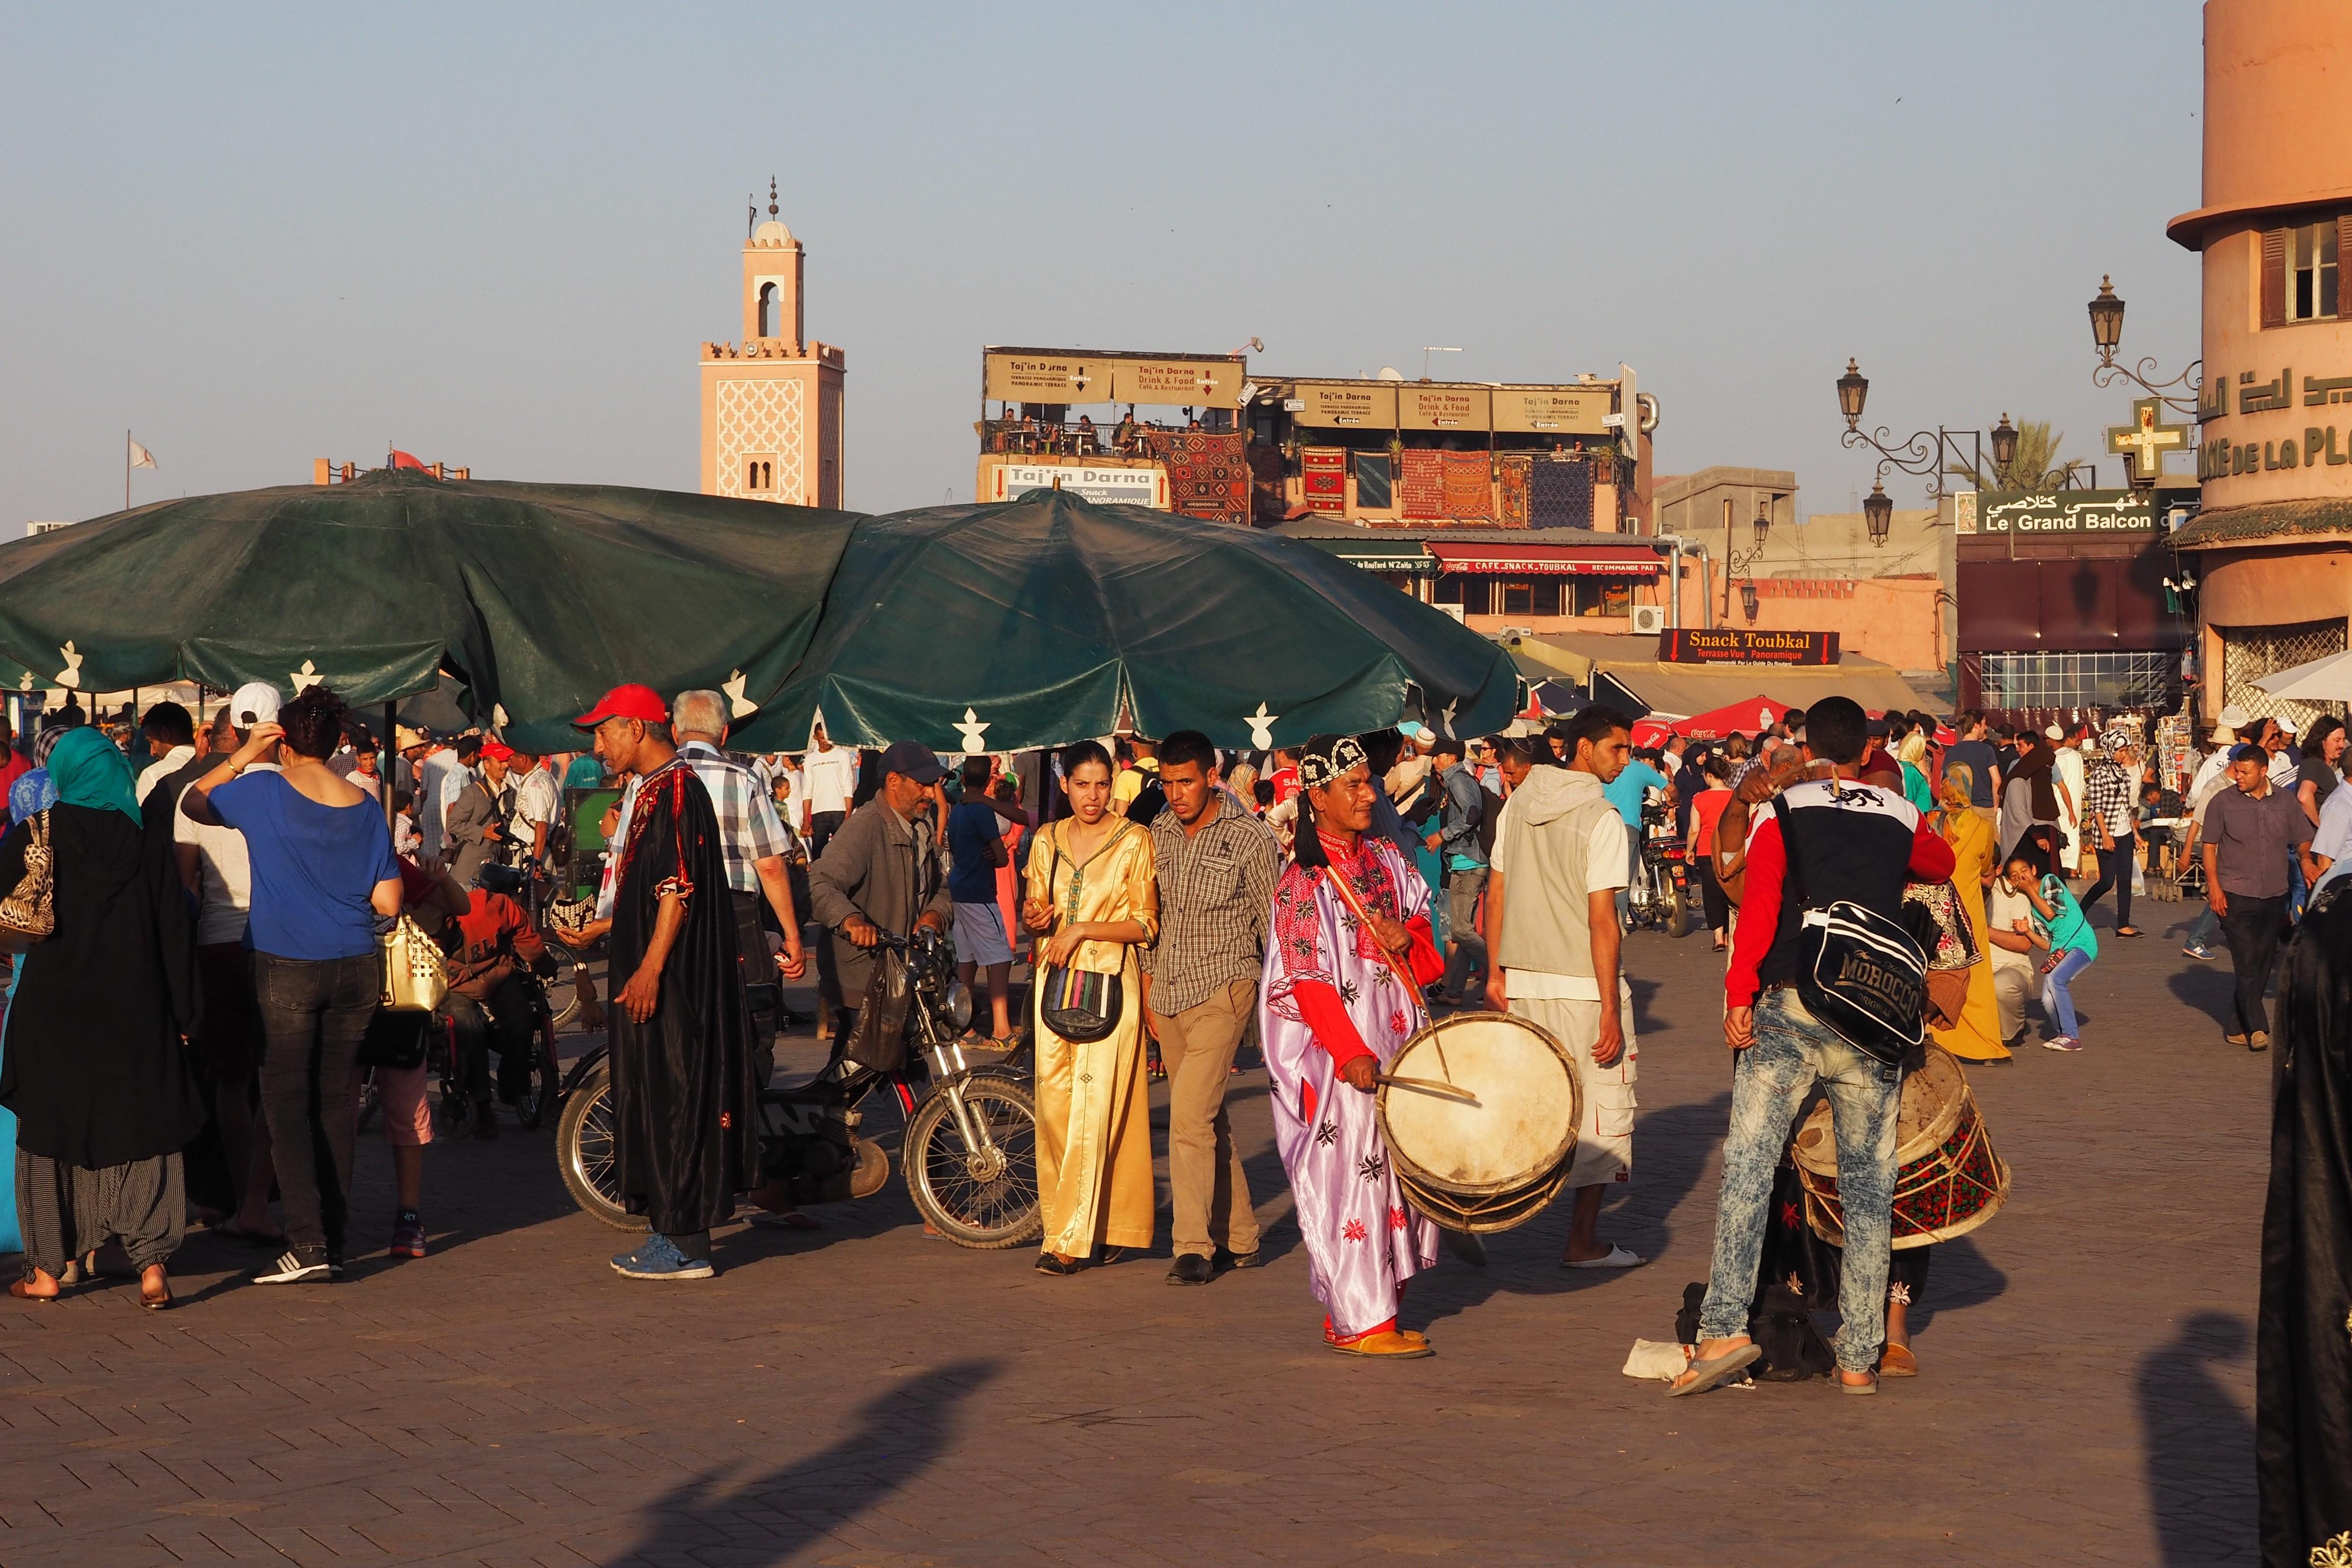 marrakech-morocco-150